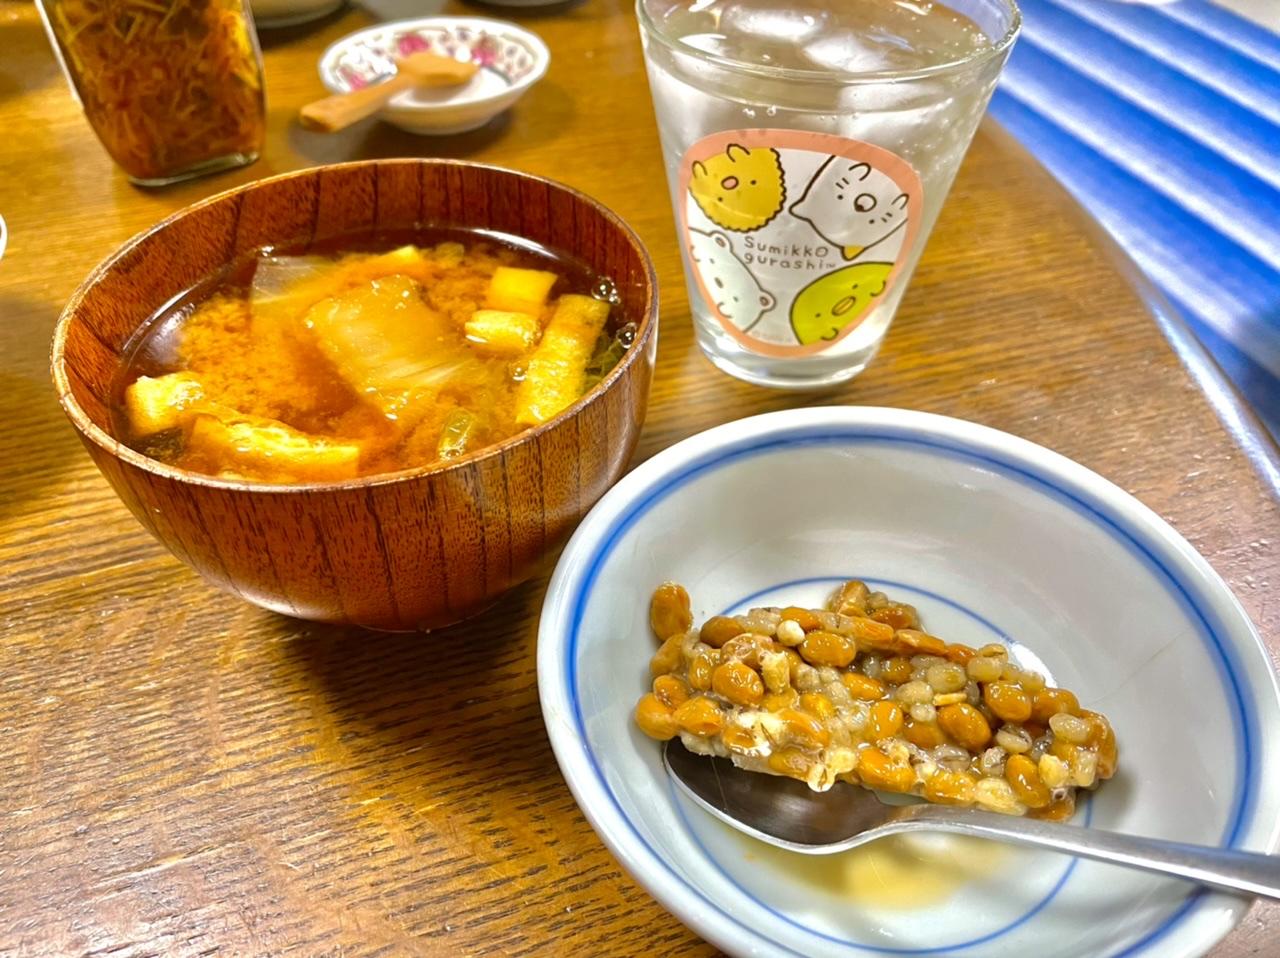 納豆を開けた写真。横に味噌汁もある。